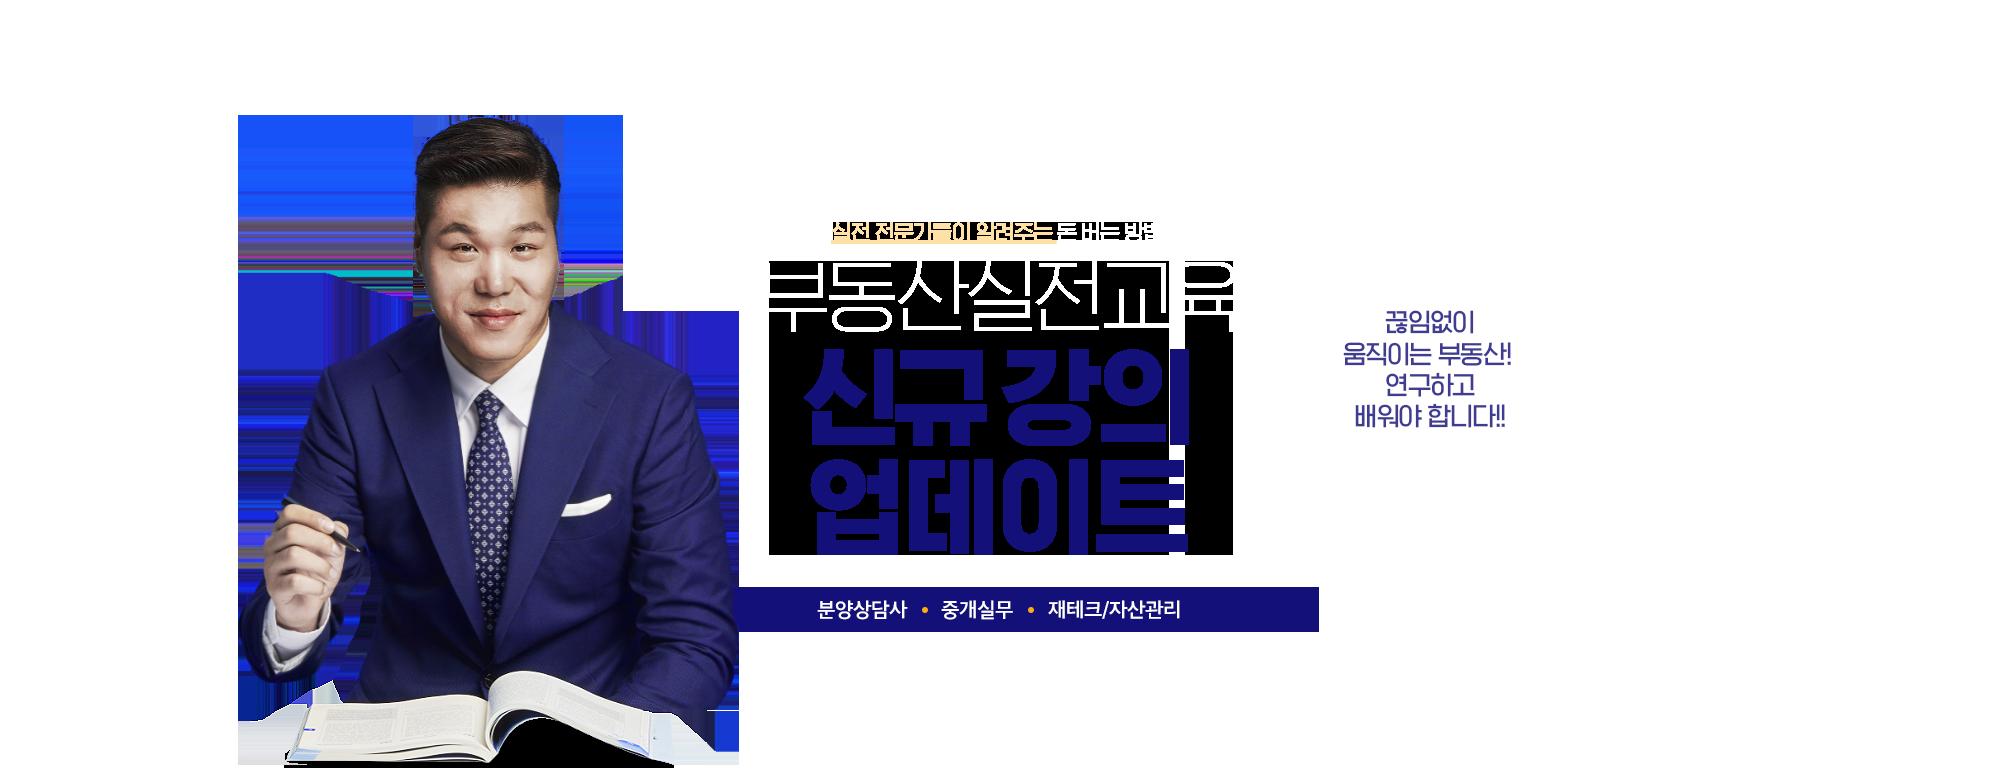 부동산실전교육 12월 신규 강의 업데이트